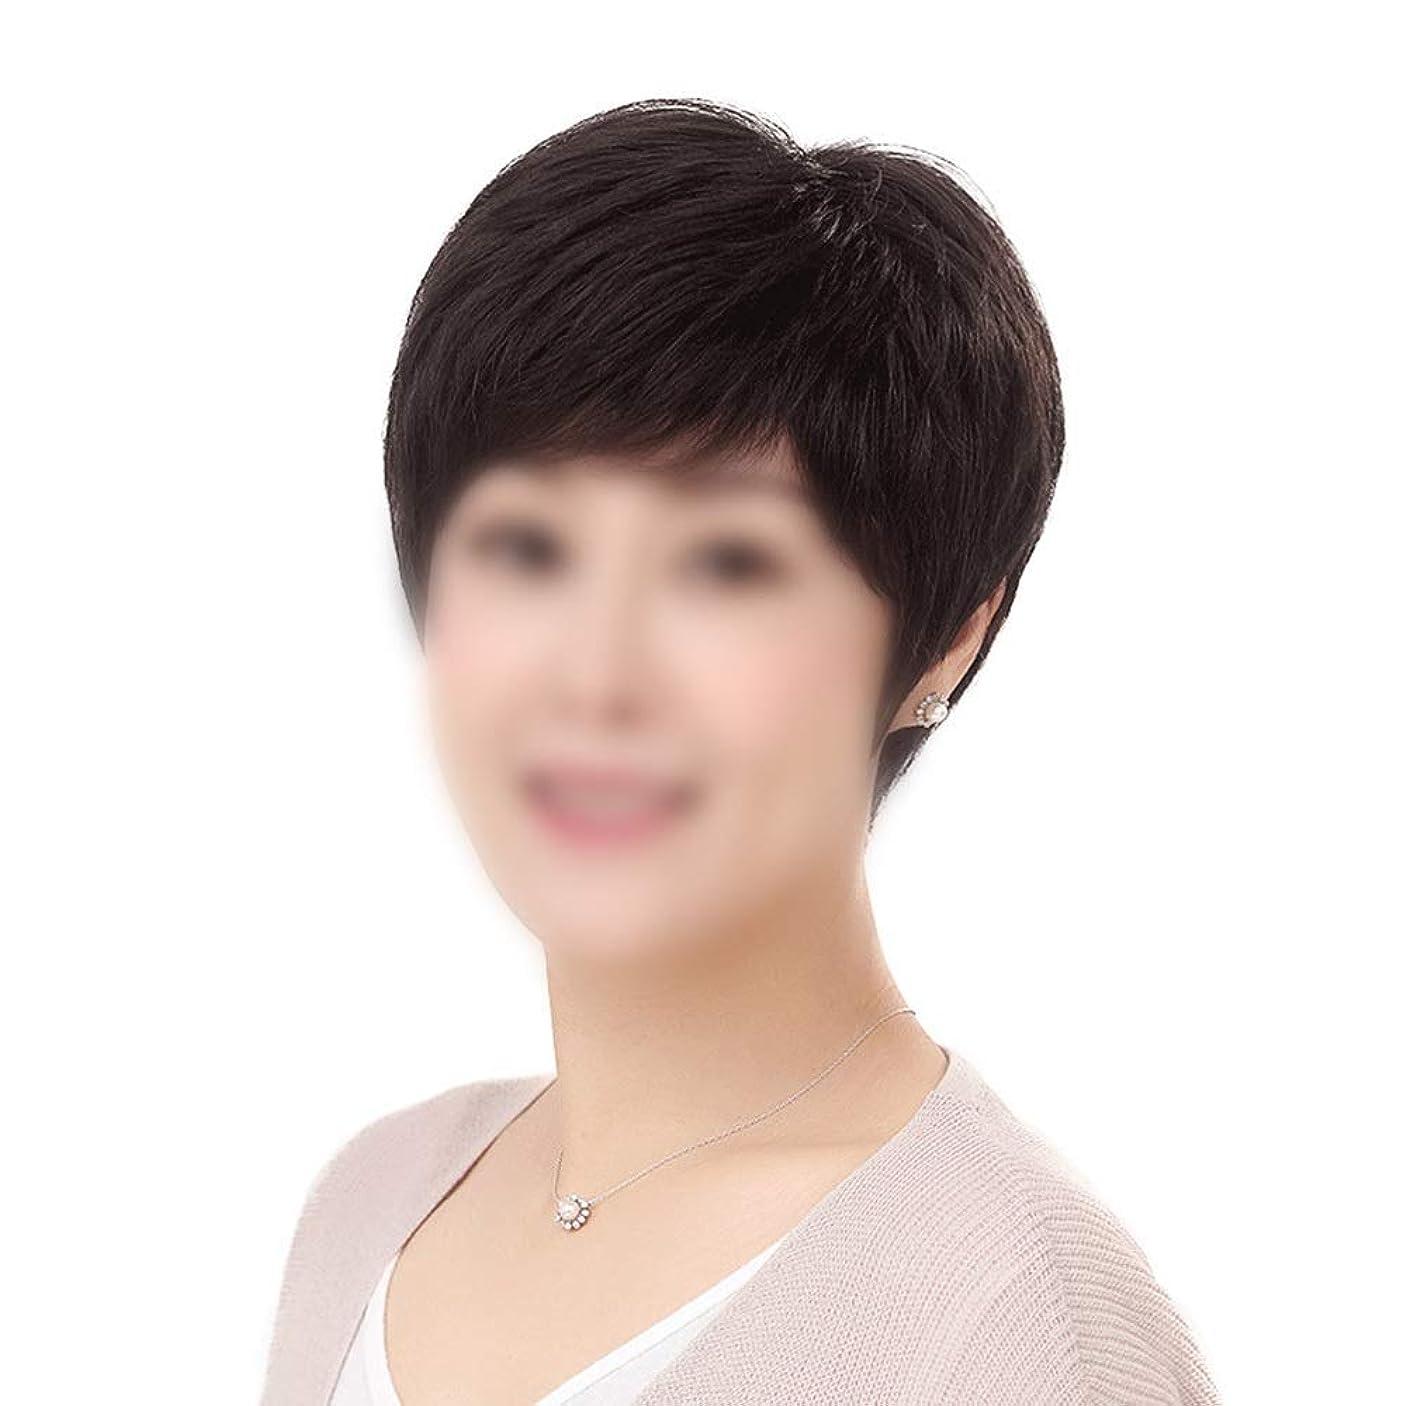 ウェブ限定インサートYESONEEP 女性のためのリアルヘアショートカーリーヘアーミドルとオールドウィッグ母デイリーウェアファッションウィッグ (色 : 黒, Design : Hand-woven heart)